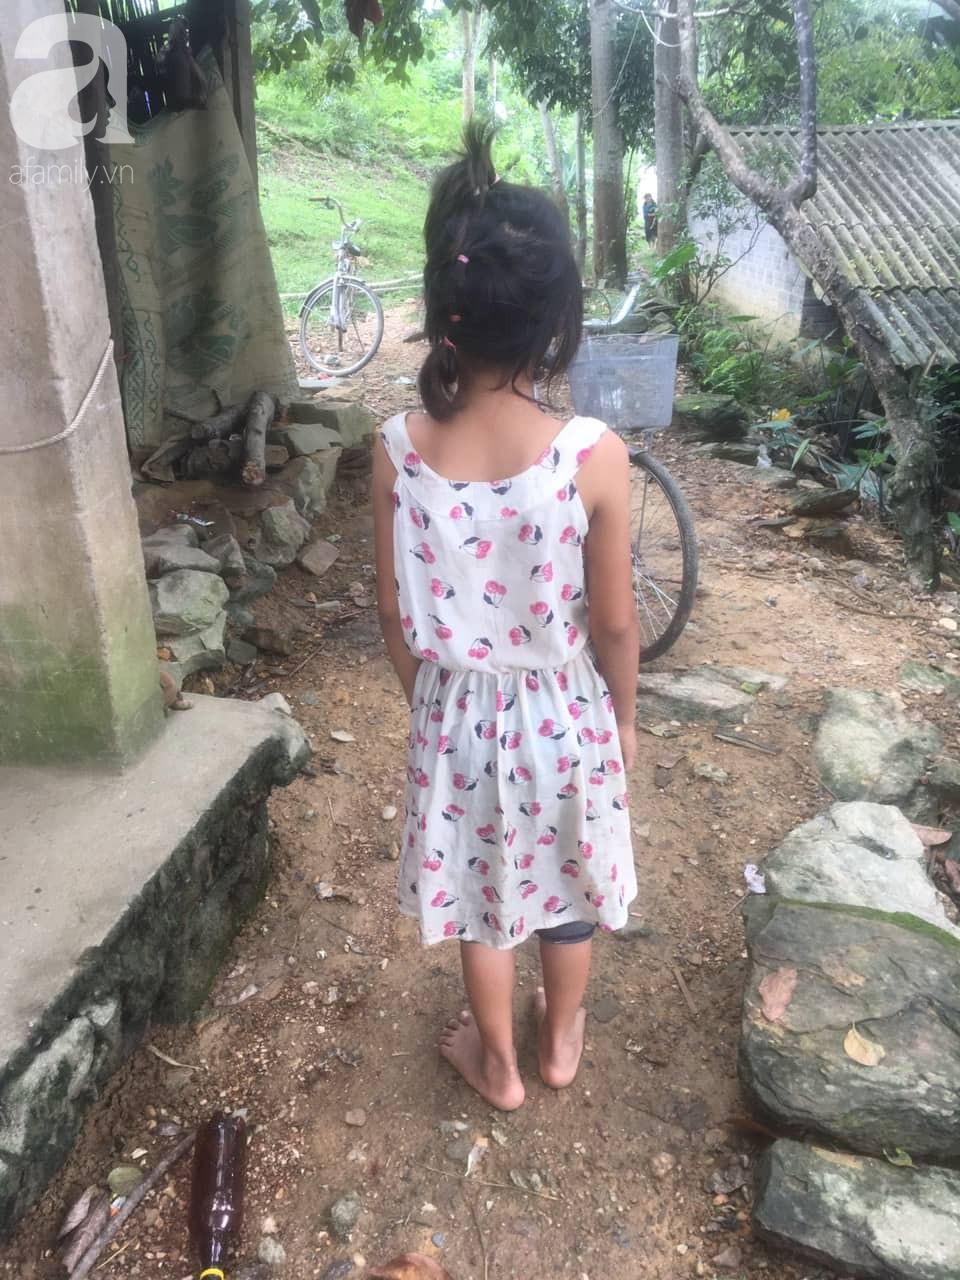 Bé gái 13 tuổi nghi bị gã hàng xóm xâm hại nhiều lần rồi dọa giết nếu tiết lộ ở Hà Giang - Ảnh 3